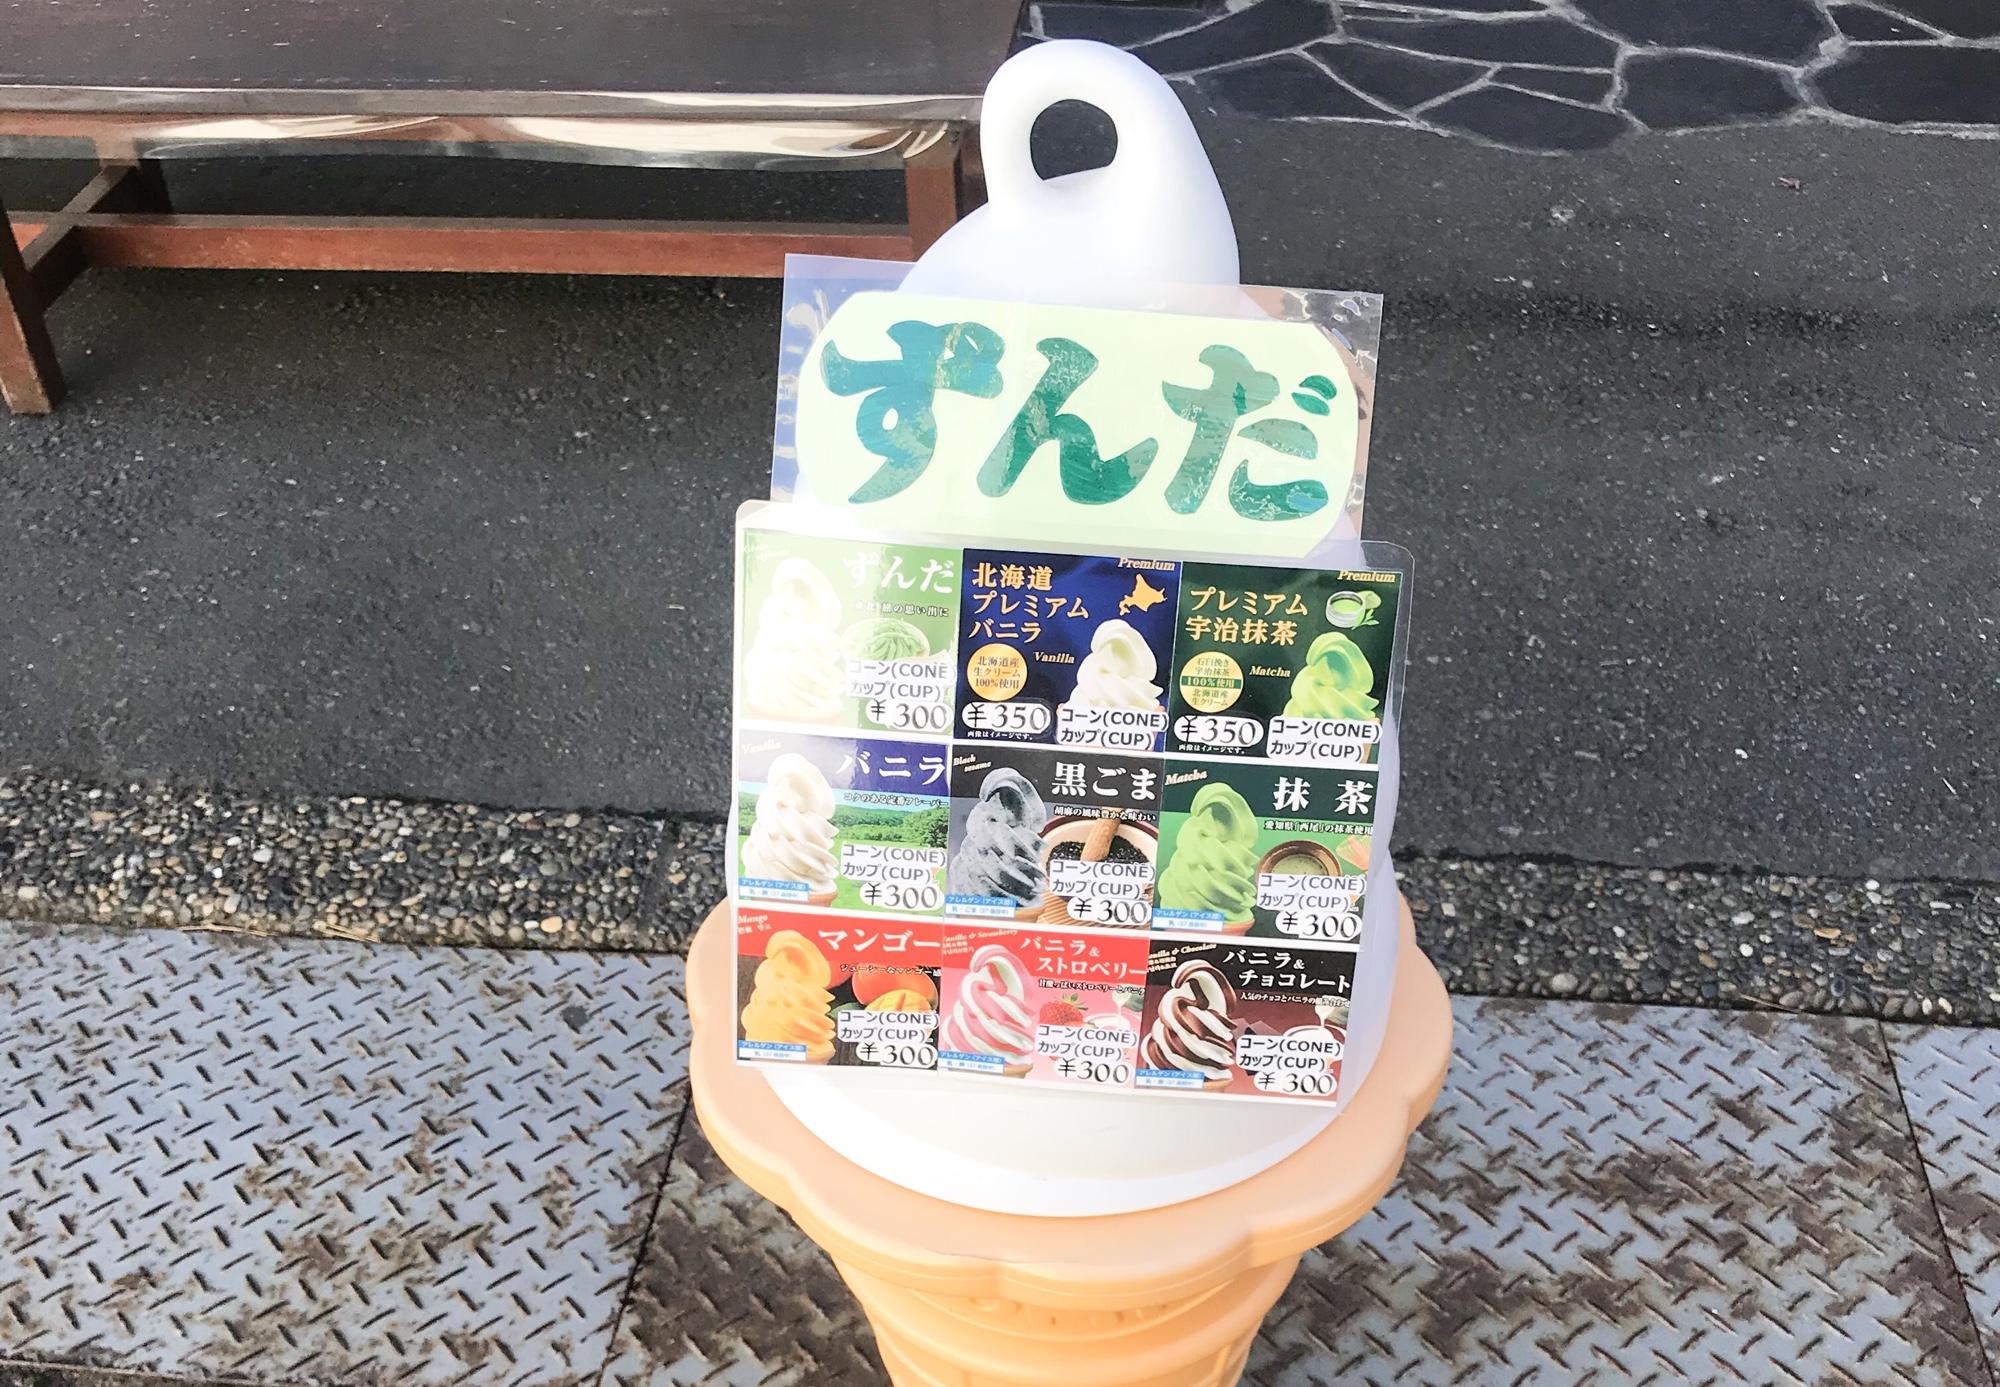 松島旅行 ずんだソフトクリーム